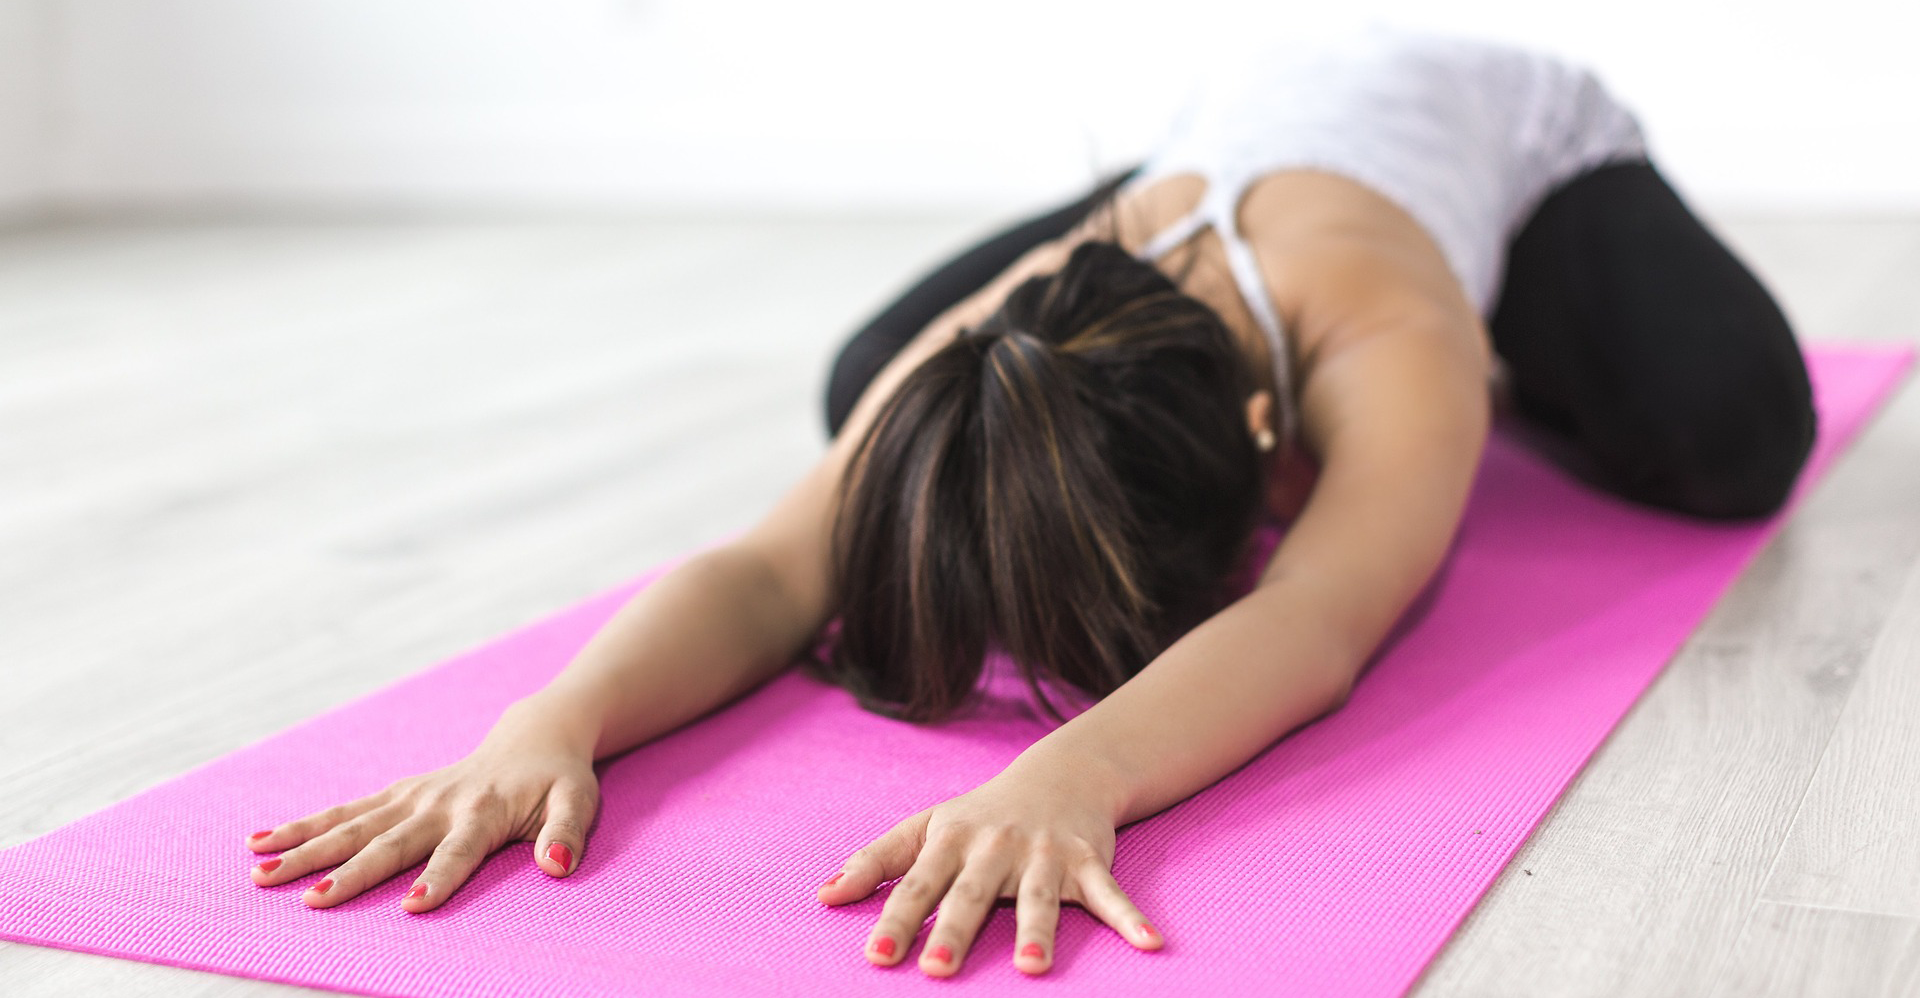 Frau in Kindshaltung auf Yogamatte.